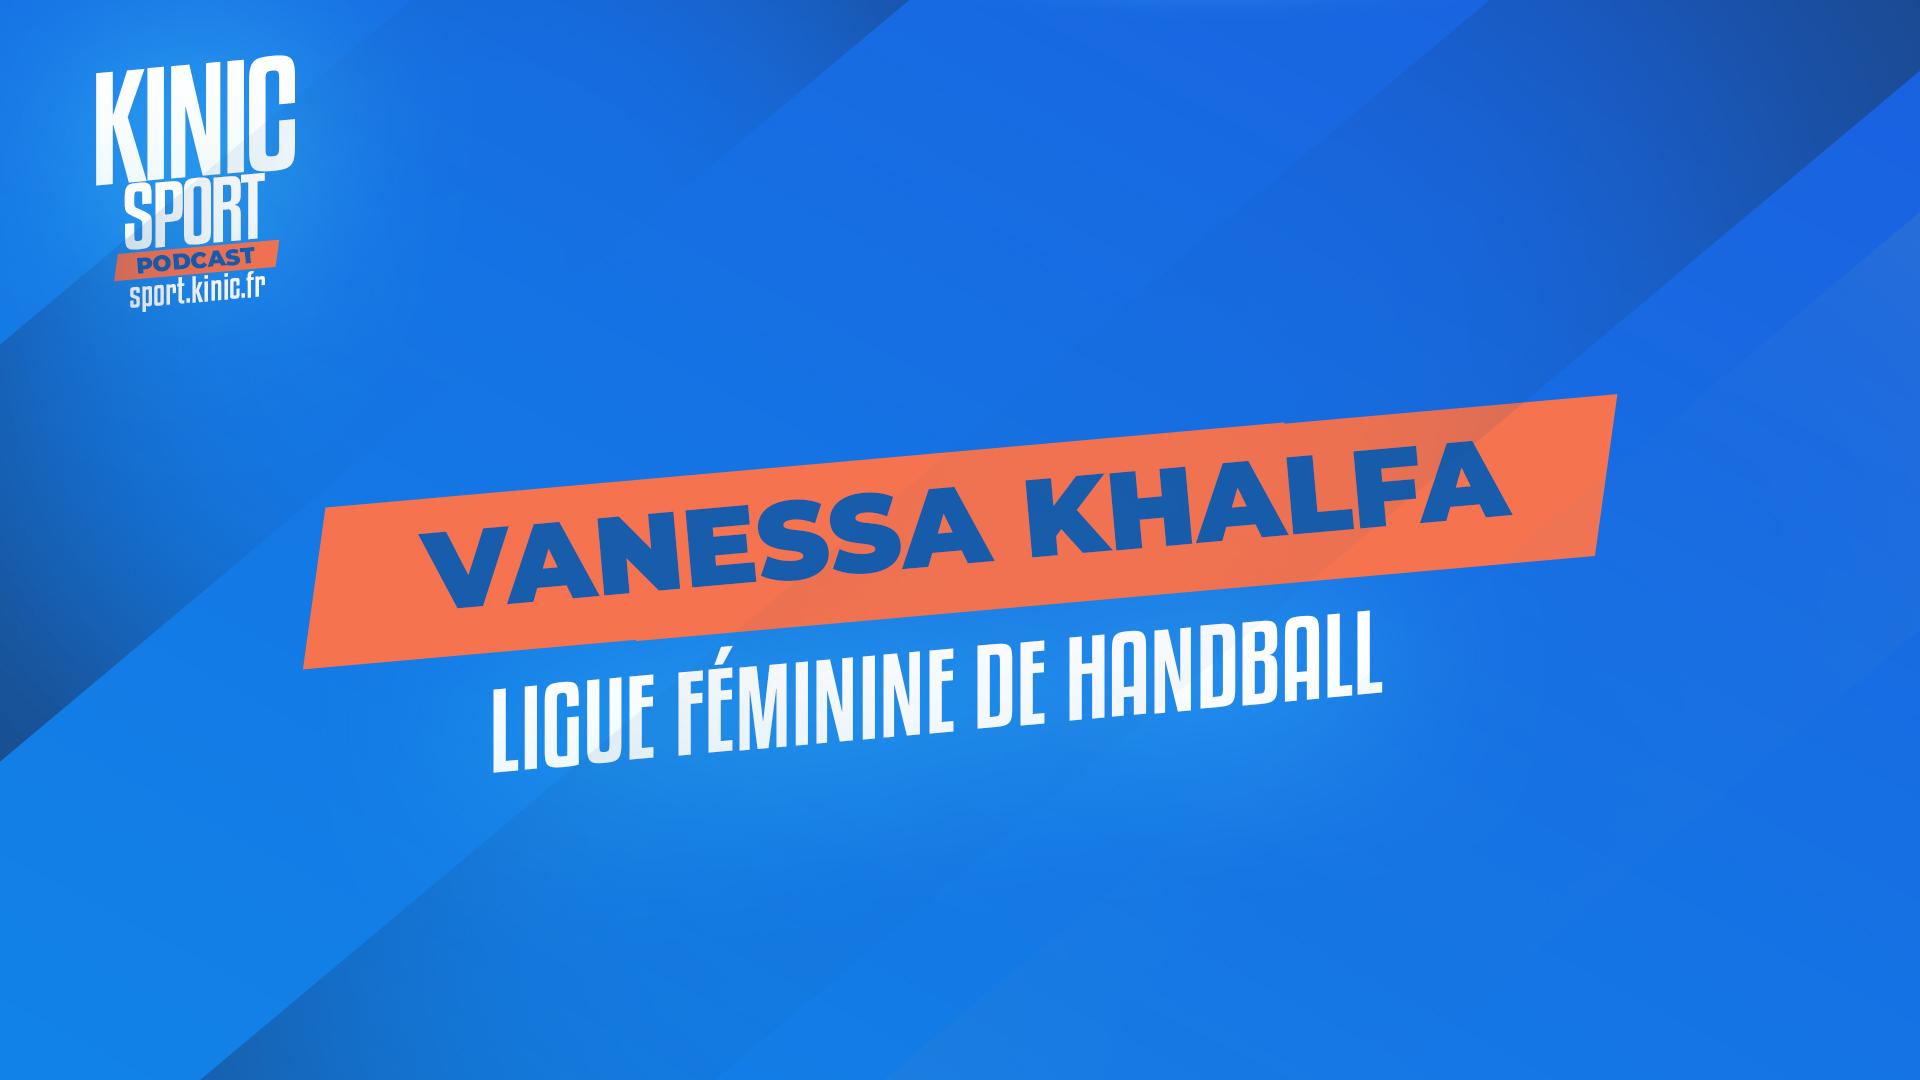 VANESSA KHALFA